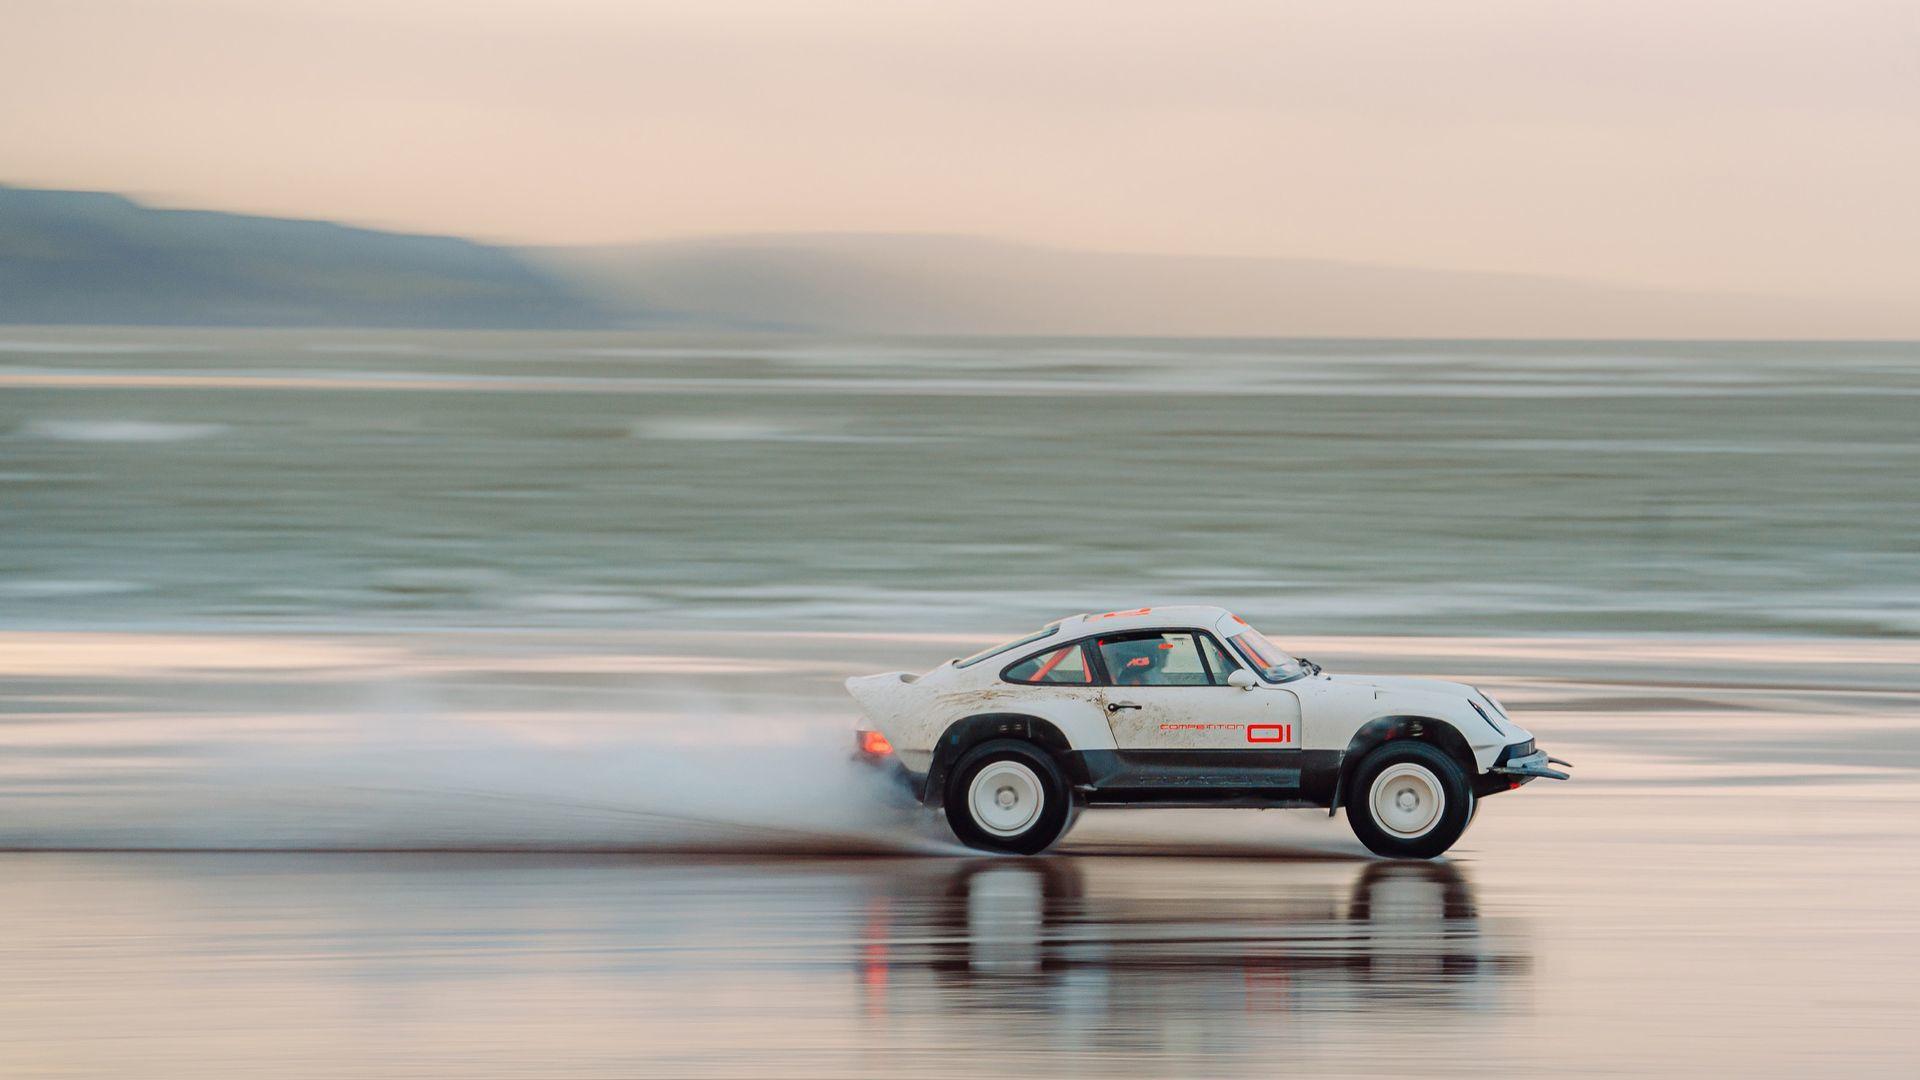 Singer Acs Porsche 911 29